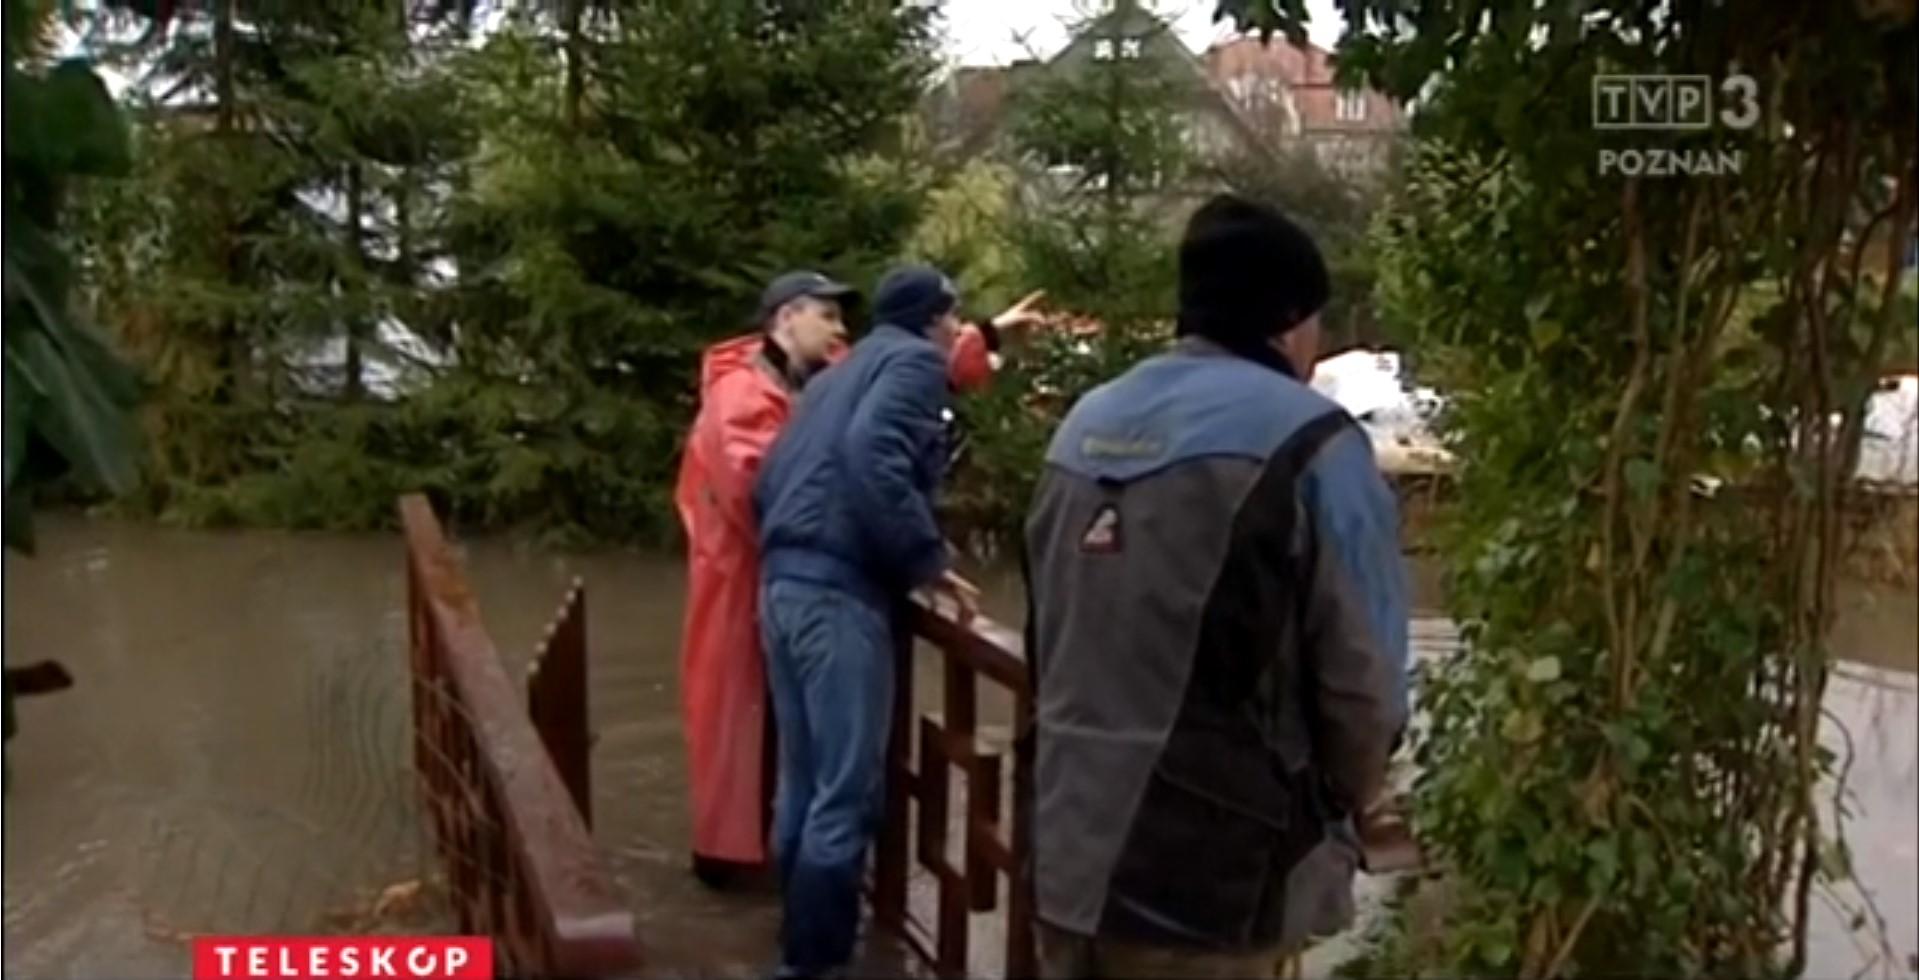 Wierzbak powódź - TVP3